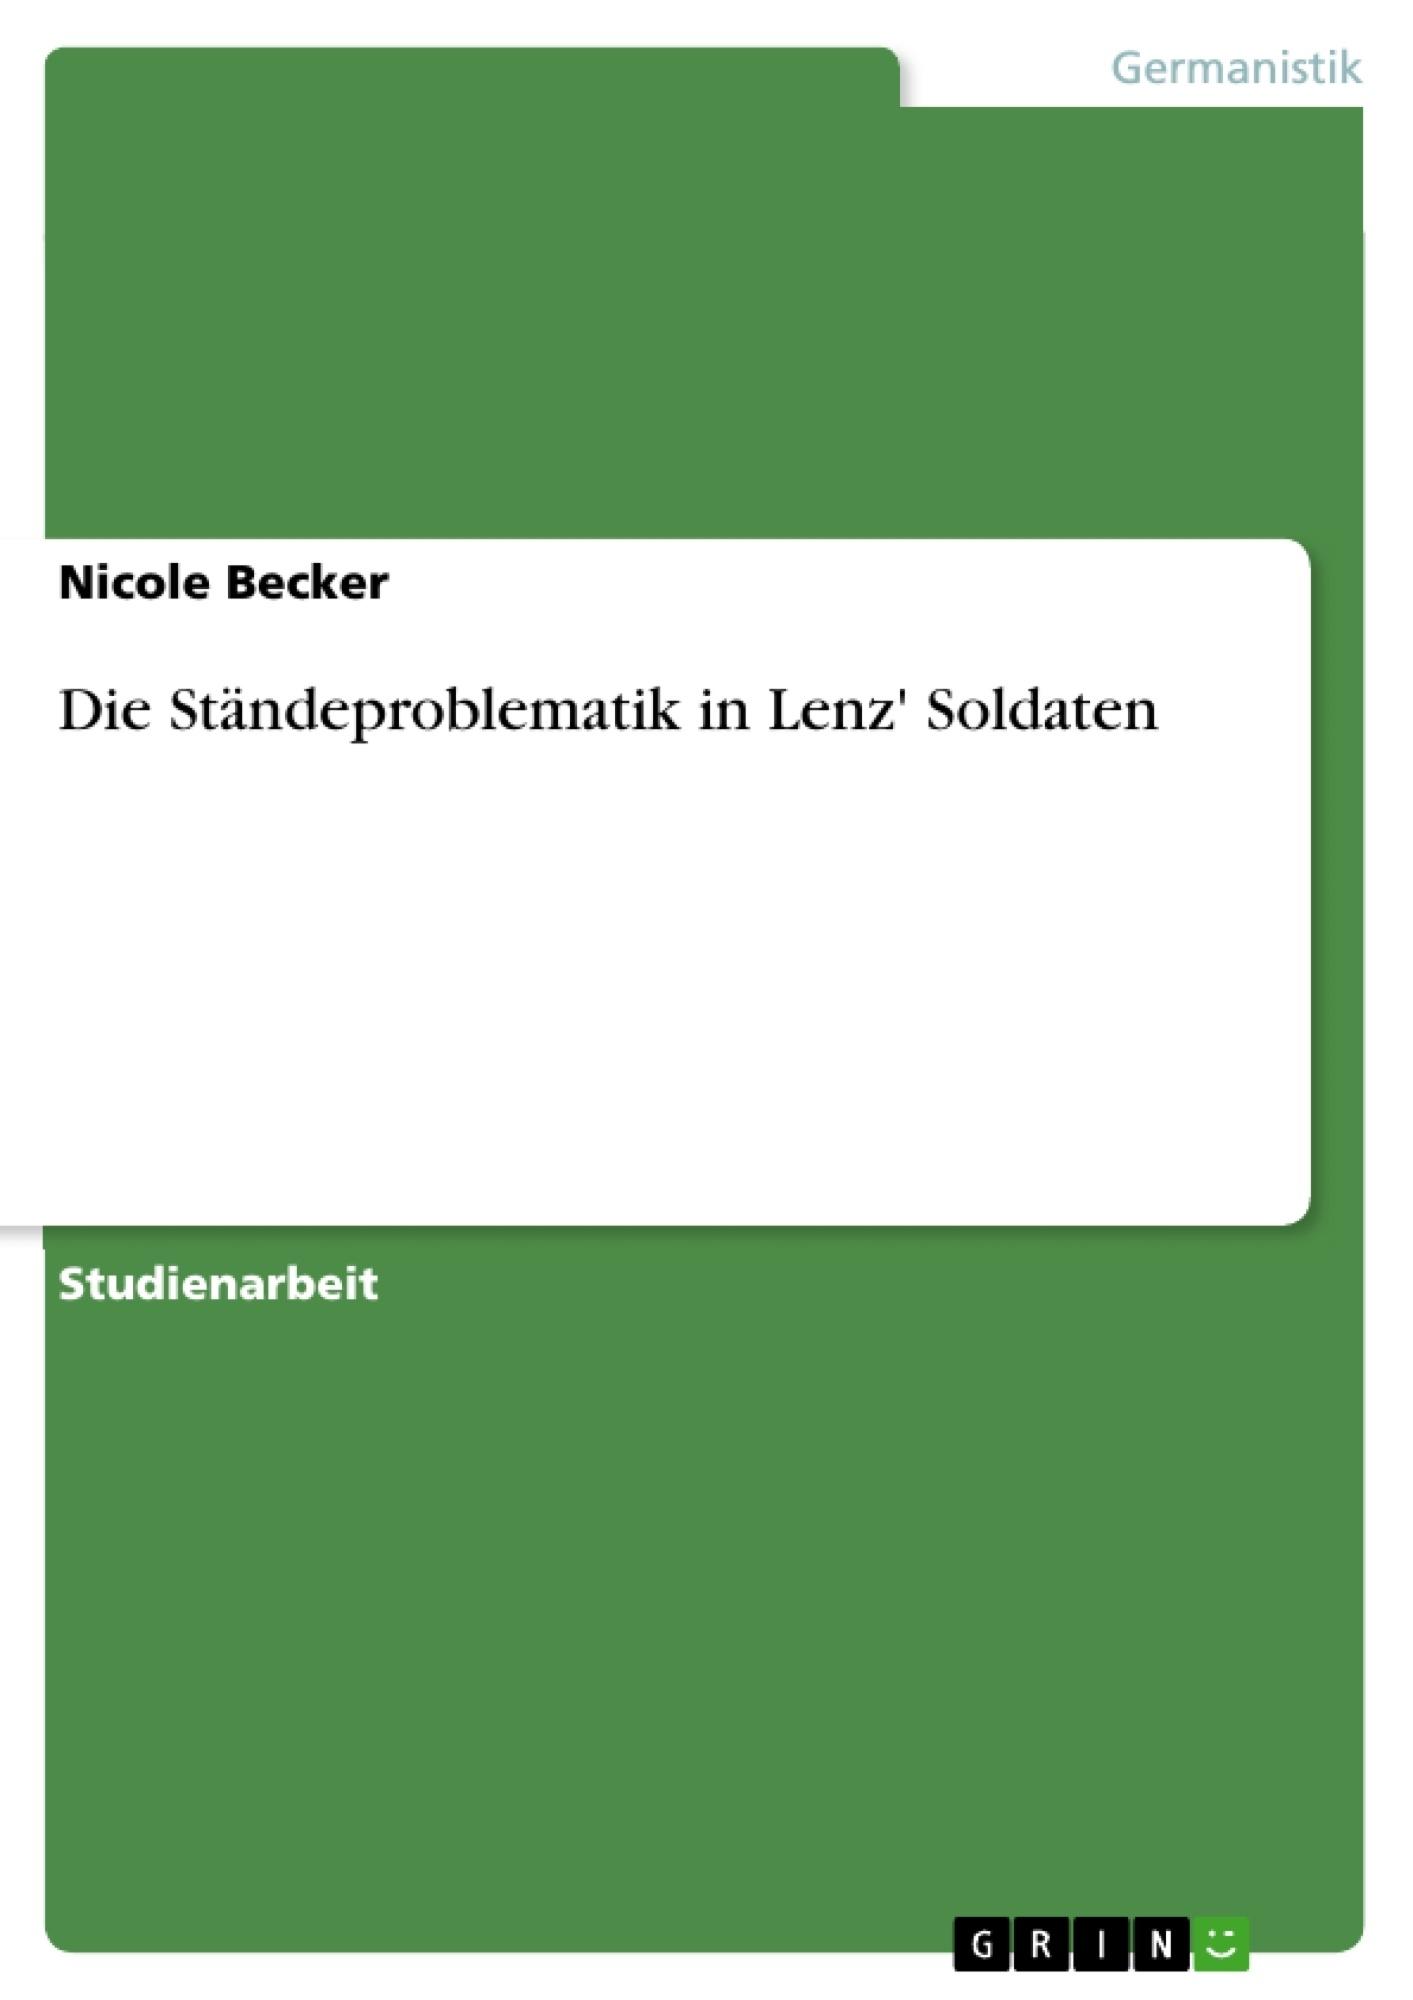 Titel: Die Ständeproblematik in Lenz' Soldaten